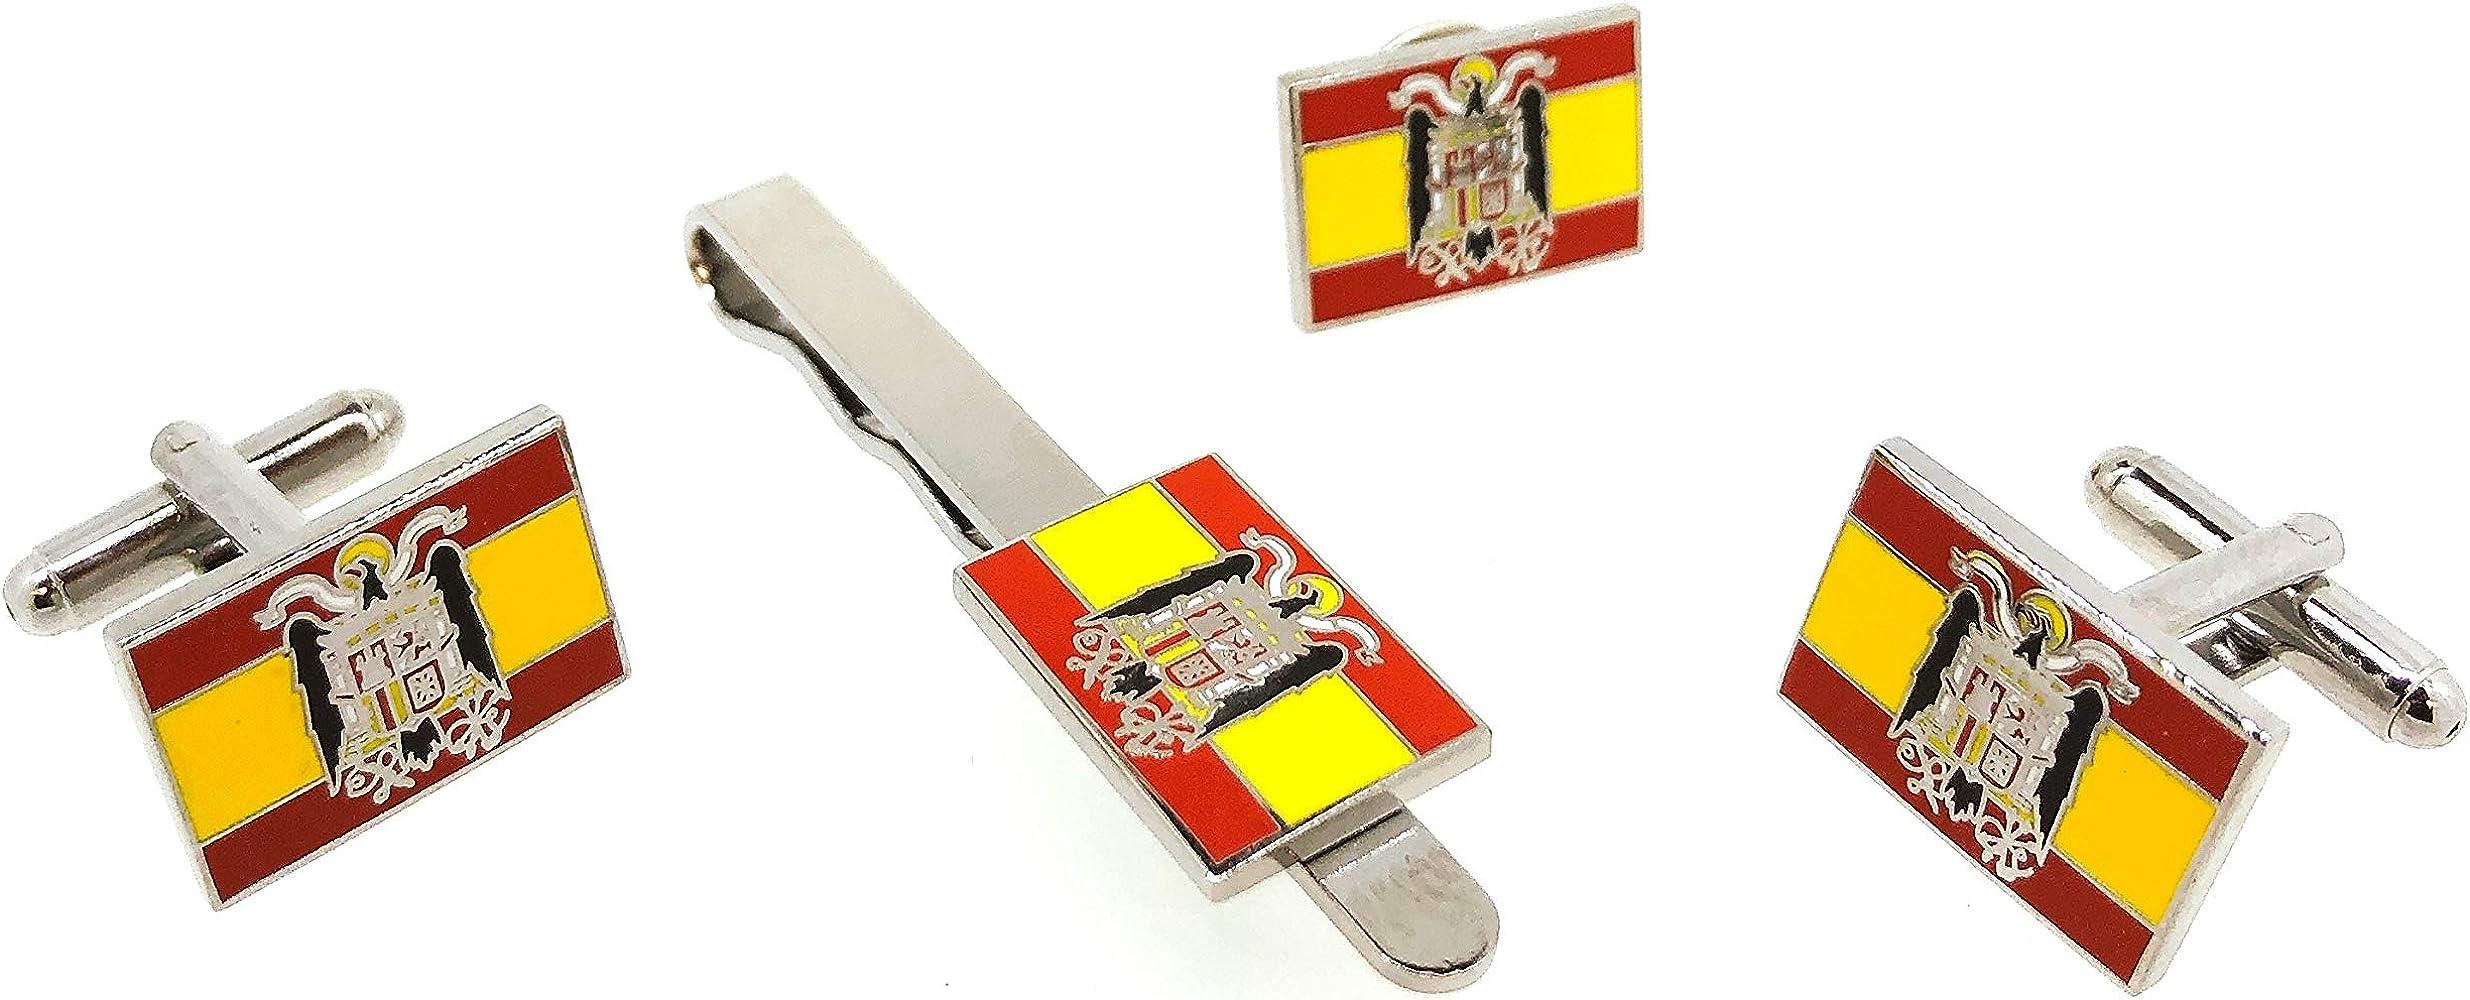 Gemelolandia Pack Completo de la Bandera de España Aguila San Juan: Amazon.es: Ropa y accesorios